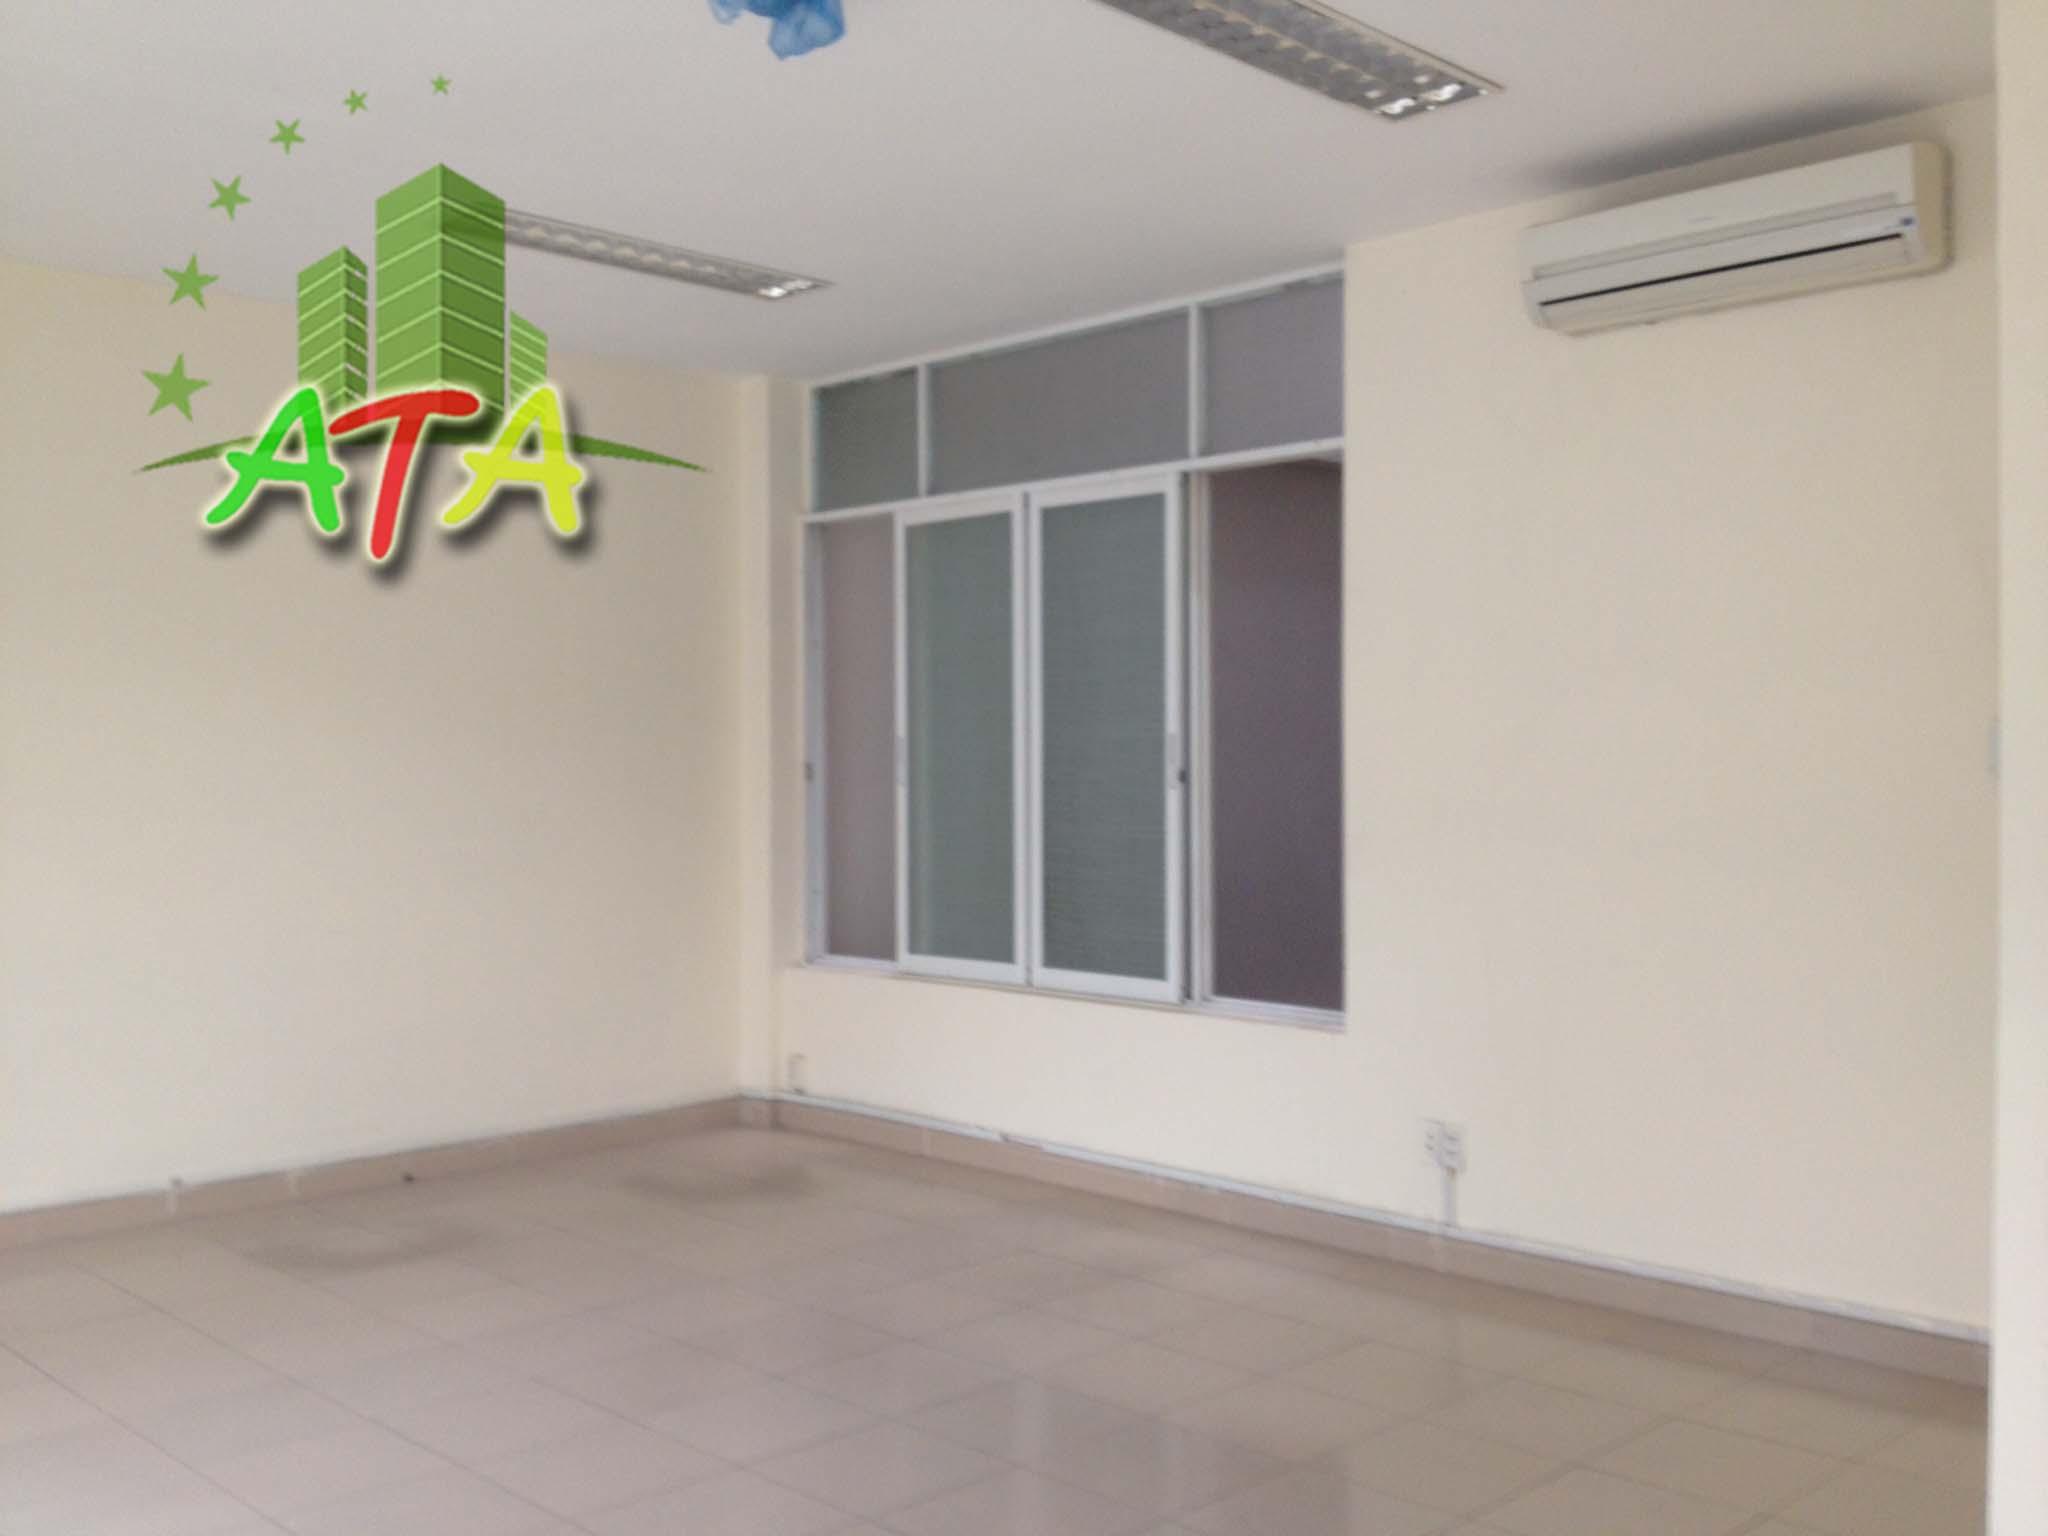 0123ea83e8adf37748b6c50da89f091c3a01b7b8a3 Blue Berry Building - Văn phòng cho thuê quận Tân Bình, Cộng Hòa